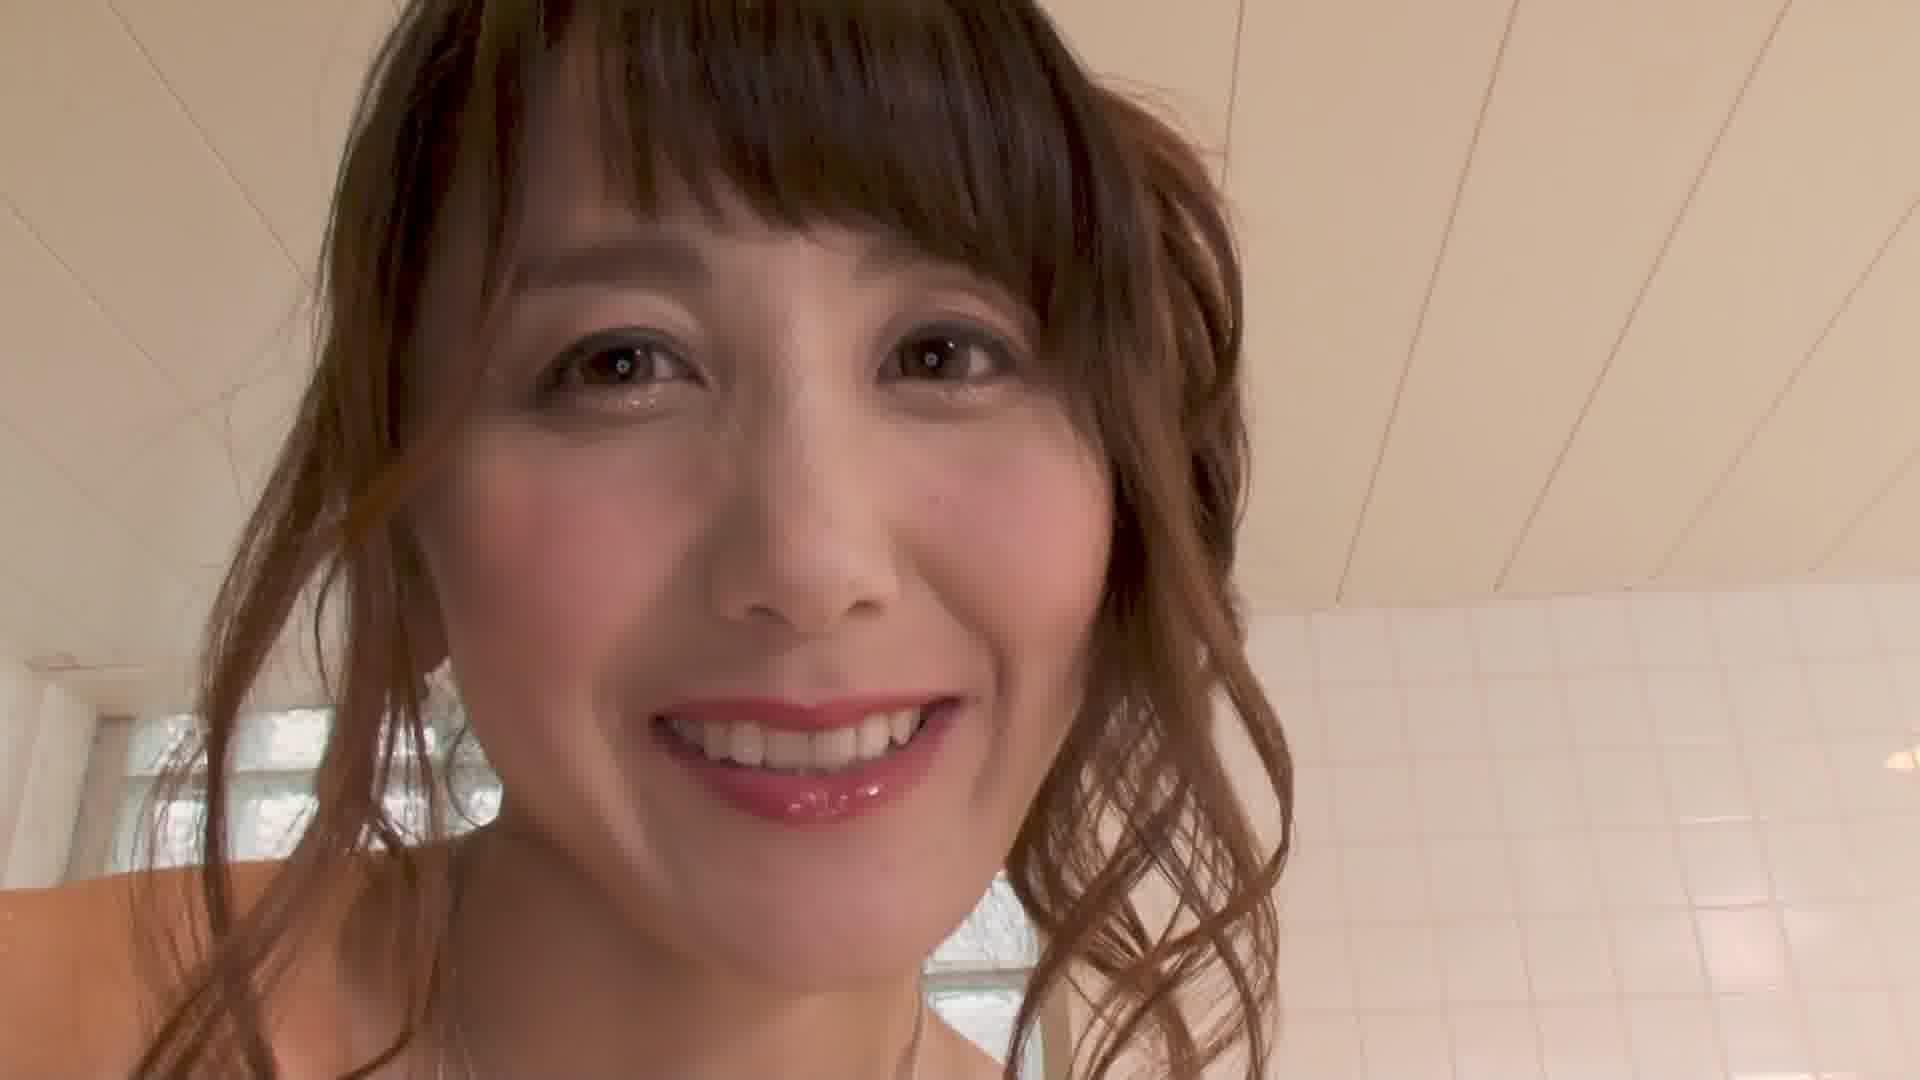 極上泡姫物語 Vol.71 - 佐々木優奈【巨乳・パイズリ・スレンダー】